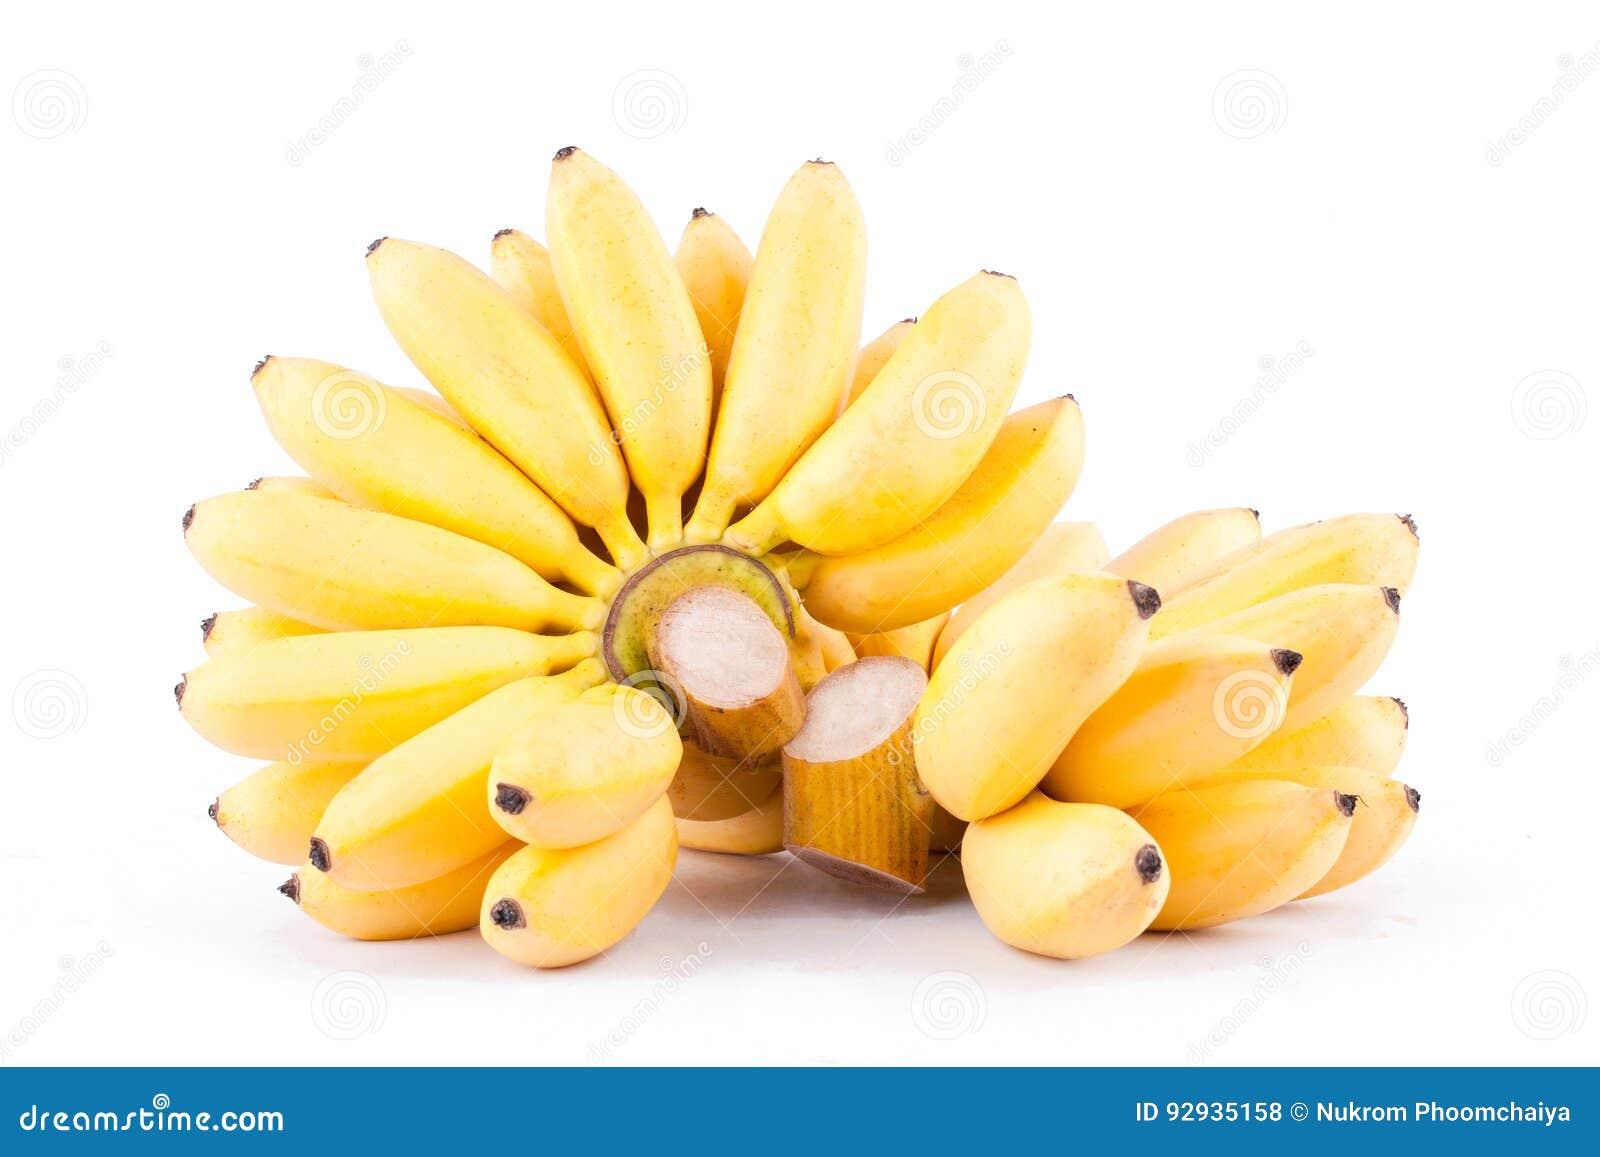 Dieta da banana e ovo